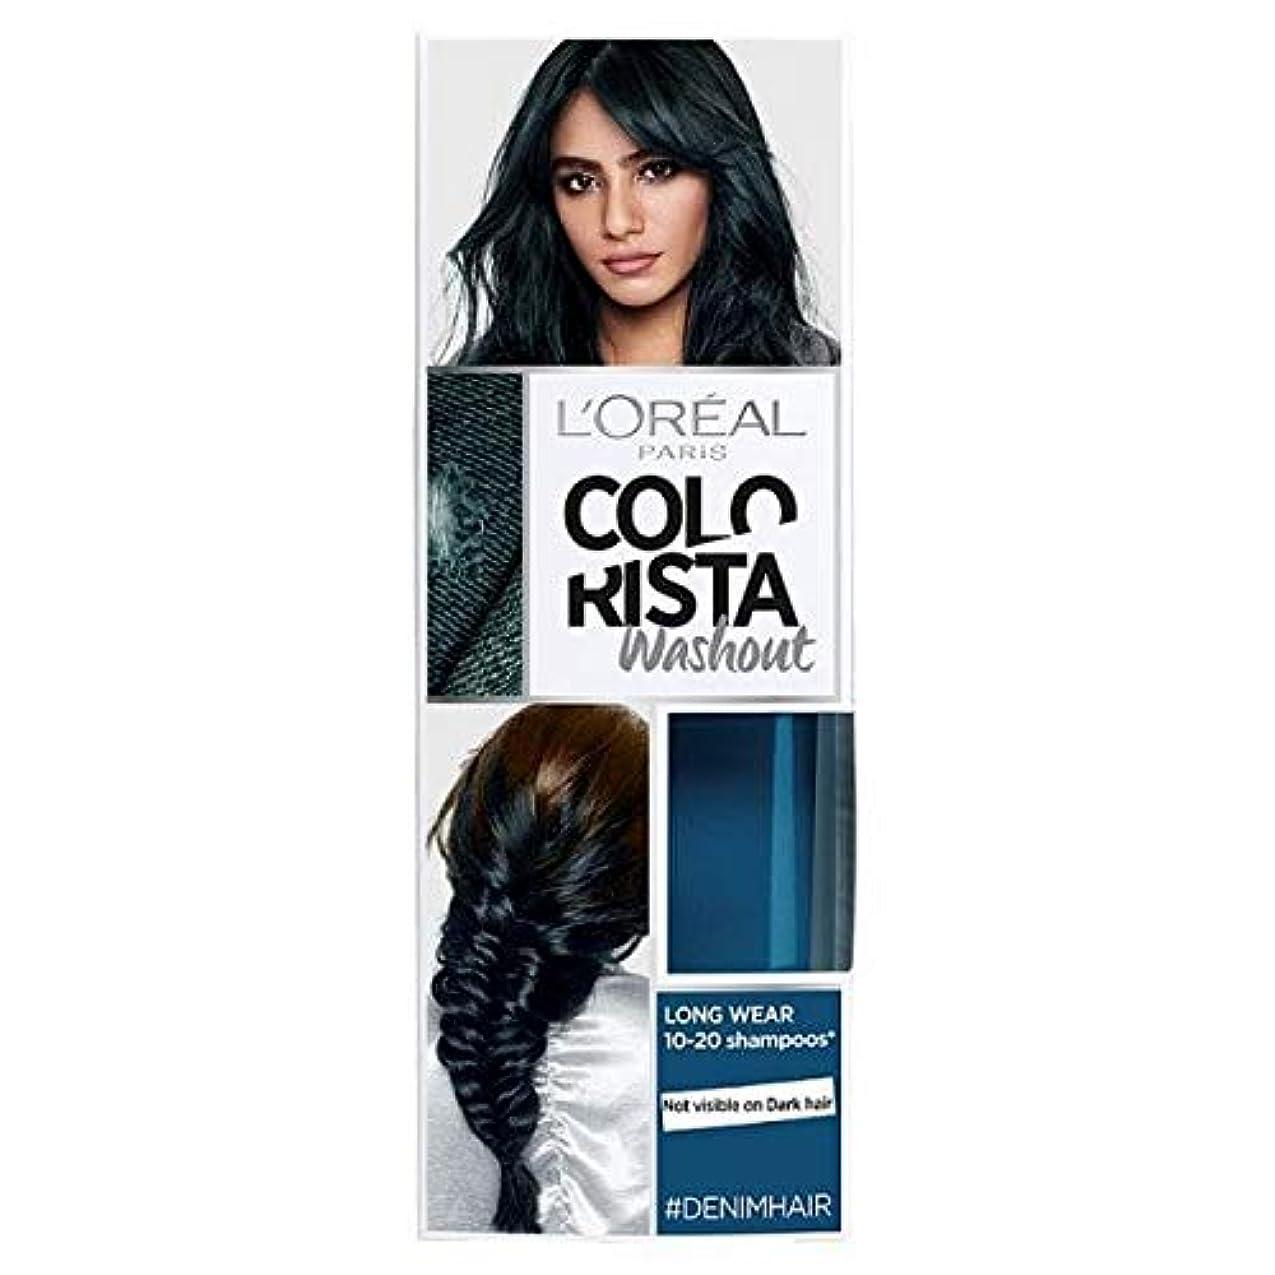 挨拶受粉者パプアニューギニア[Colorista] Colorista洗い出しデニムブルー半永久染毛剤 - Colorista Washout Denim Blue Semi-Permanent Hair Dye [並行輸入品]